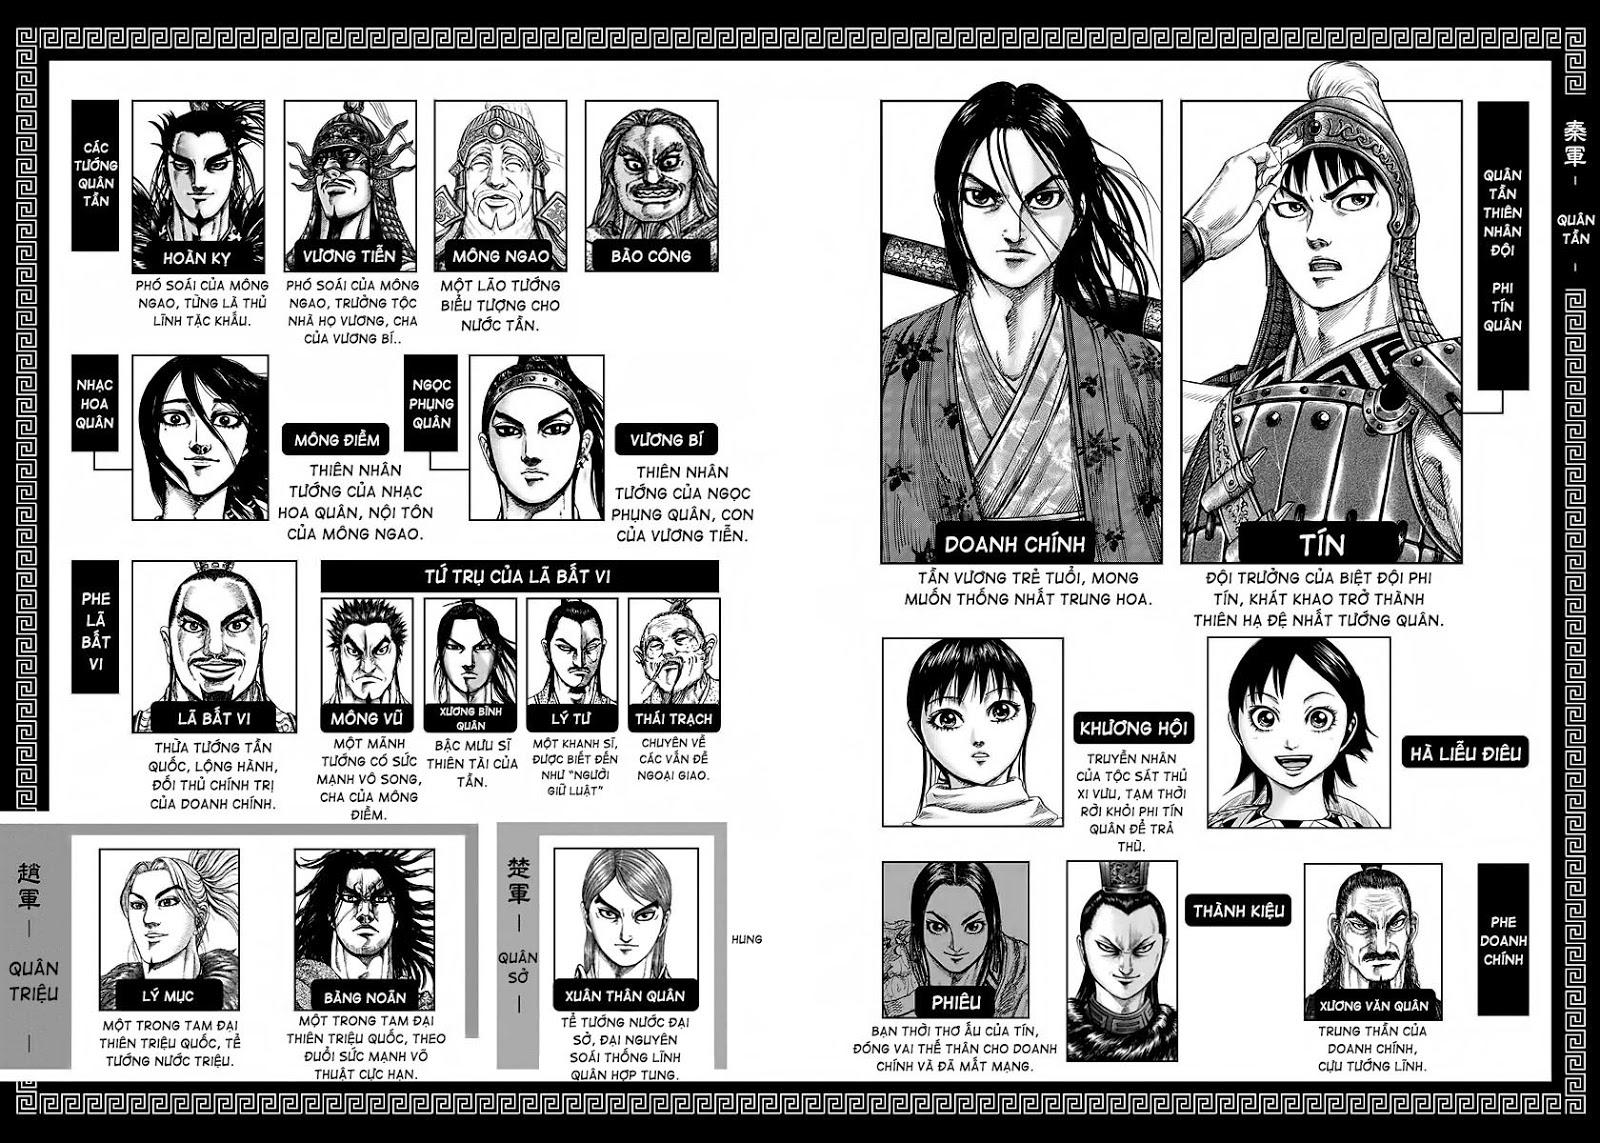 Kingdom – Vương Giả Thiên Hạ (Tổng Hợp) chap 273 page 5 - IZTruyenTranh.com